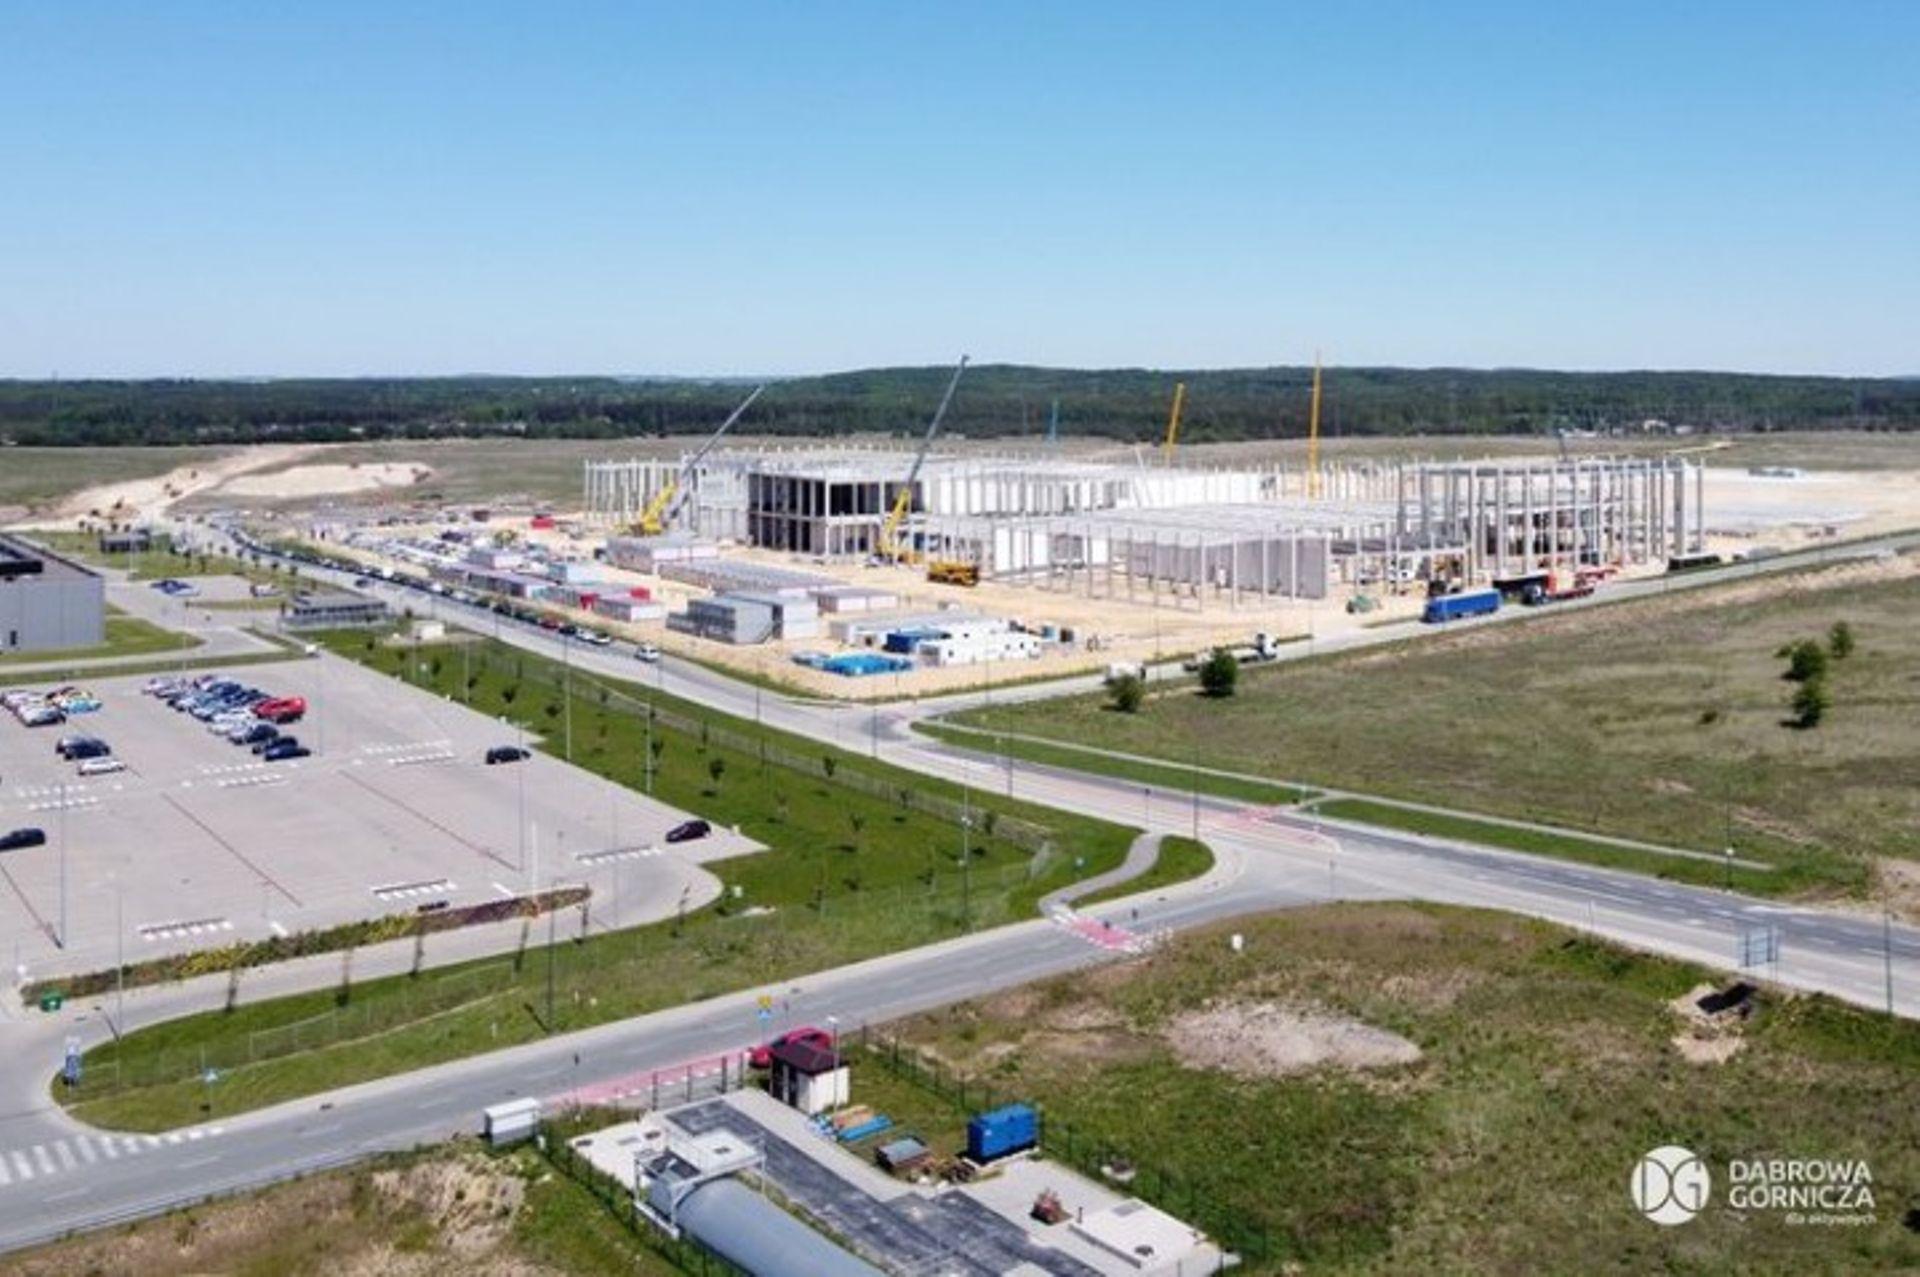 Koreański koncern SK zainwestuje kolejne półtora miliarda złotych w Dąbrowie Górniczej